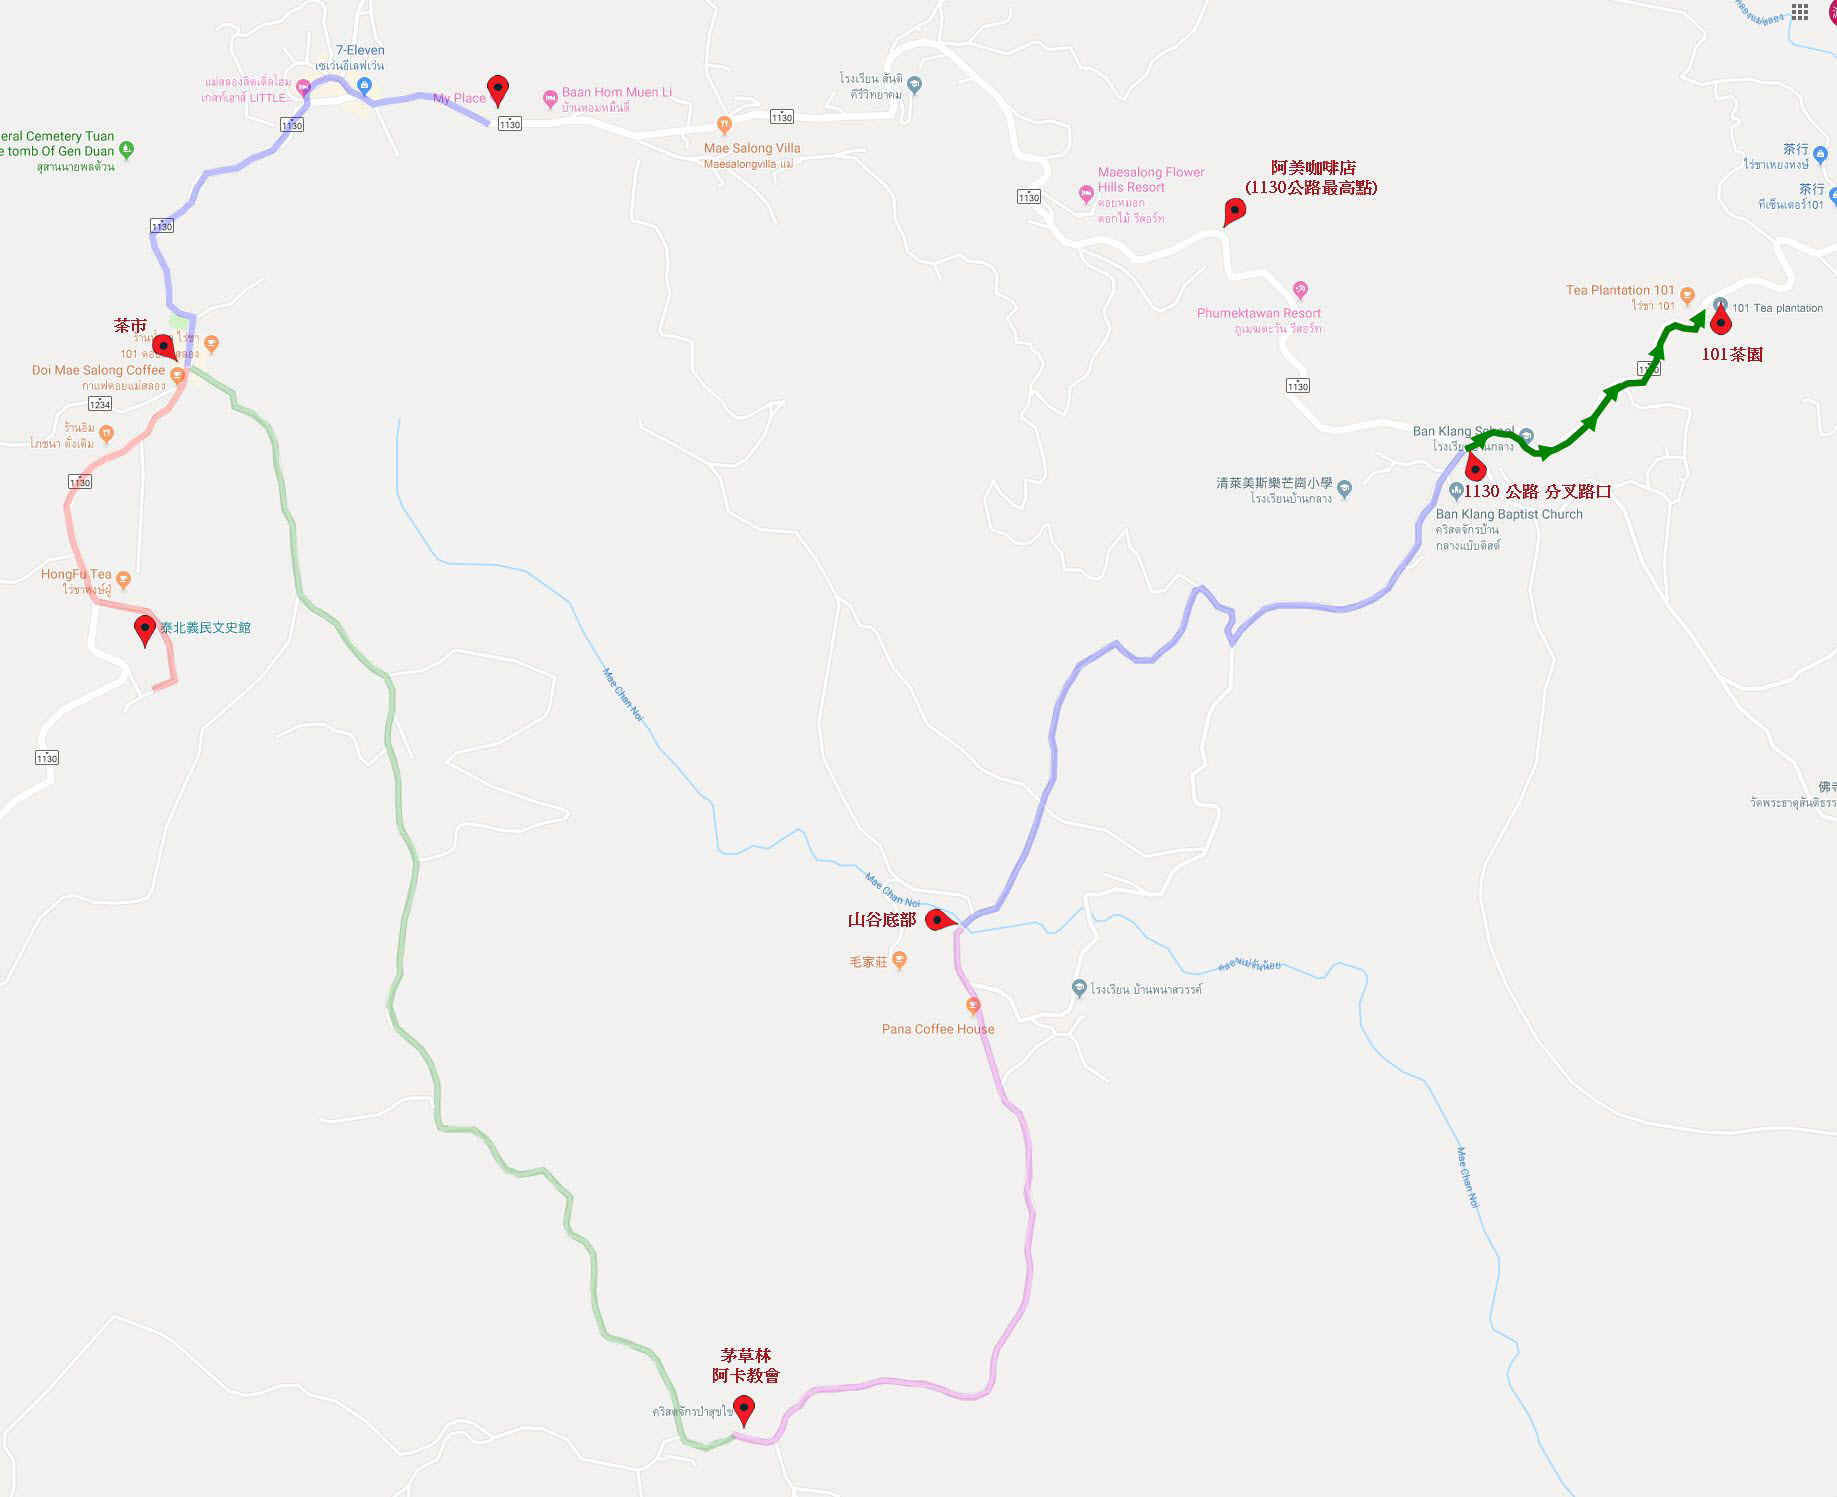 美斯樂攀山越谷遠足路線 第六段101茶園